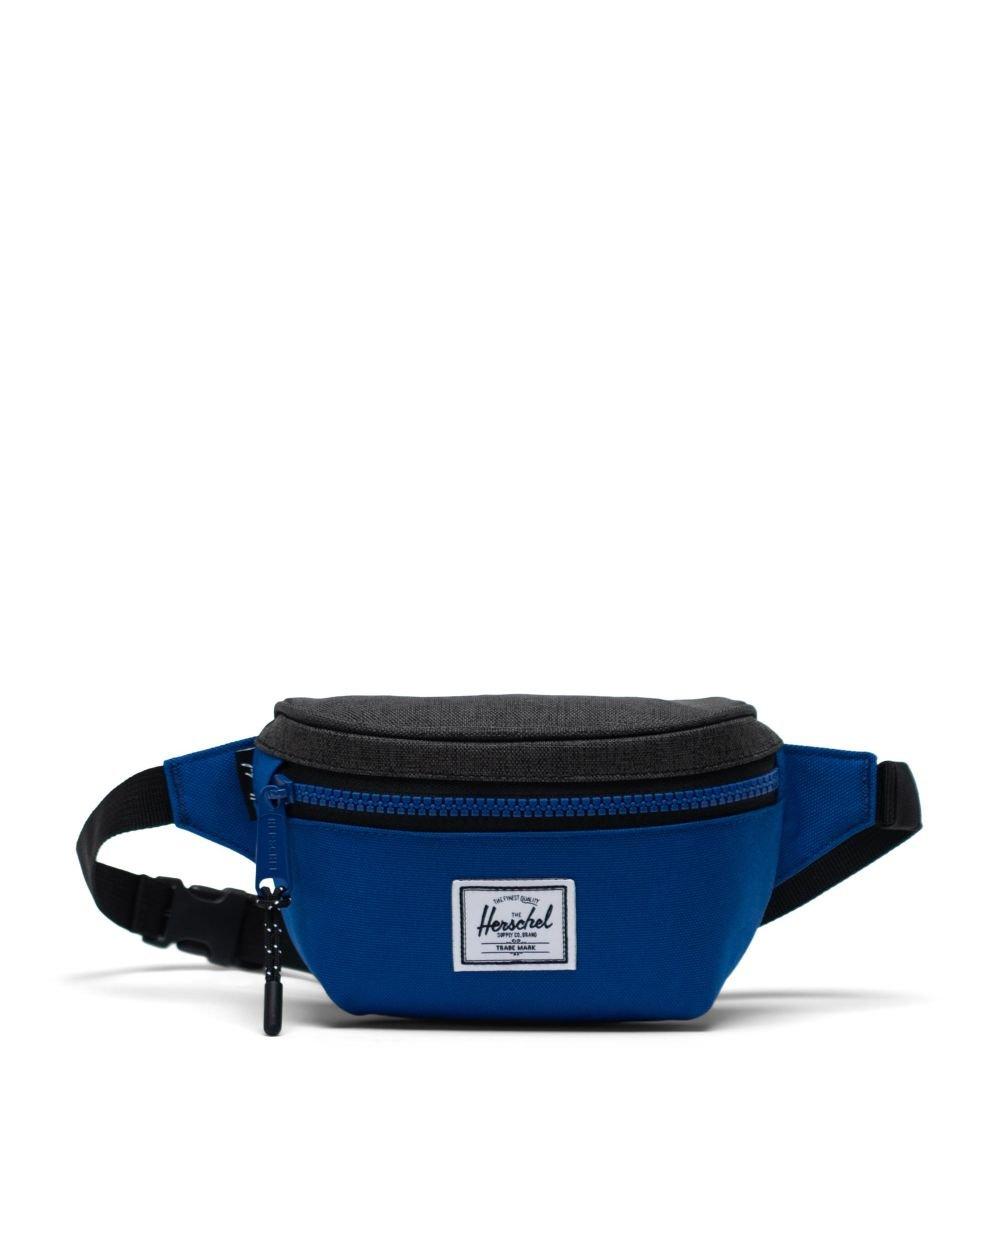 Blue Wave Hip Pack by Herschel Supply